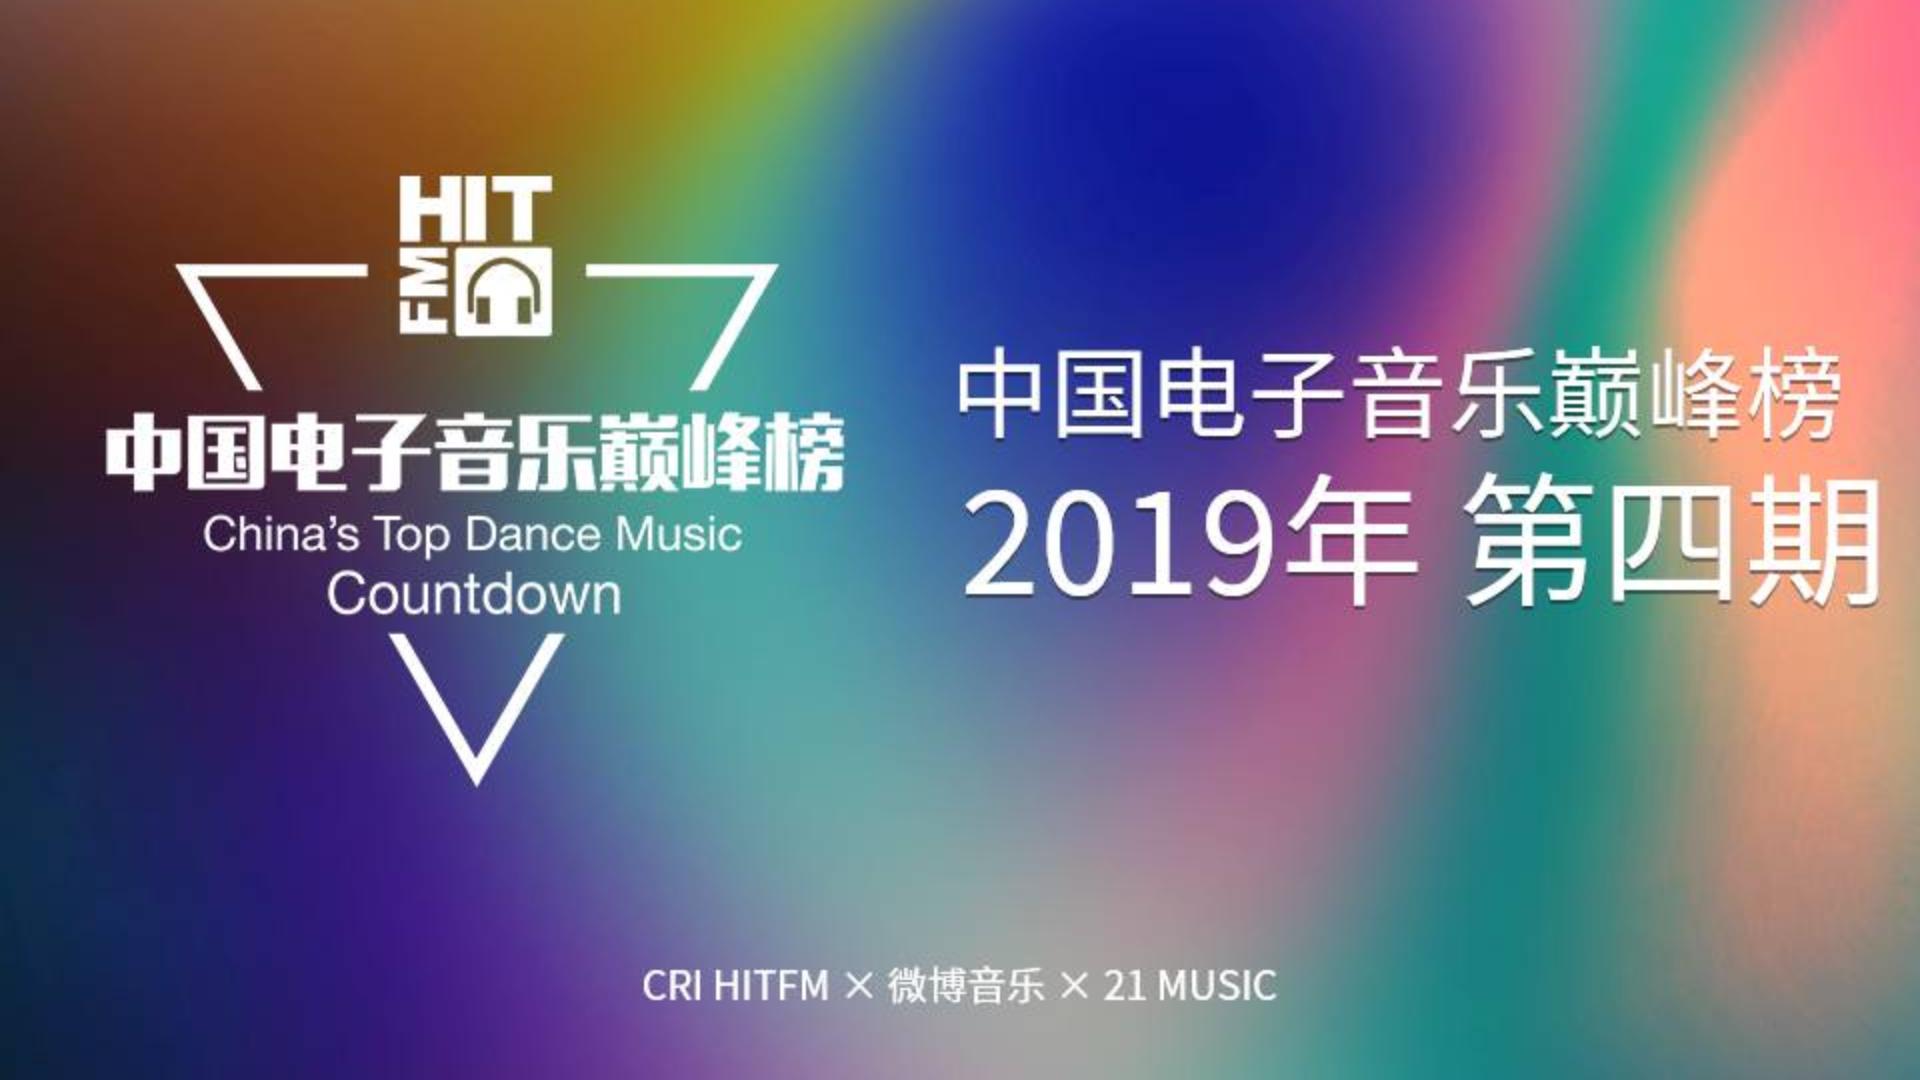 【HITFM】中国电子音乐巅峰榜 2019年第四期